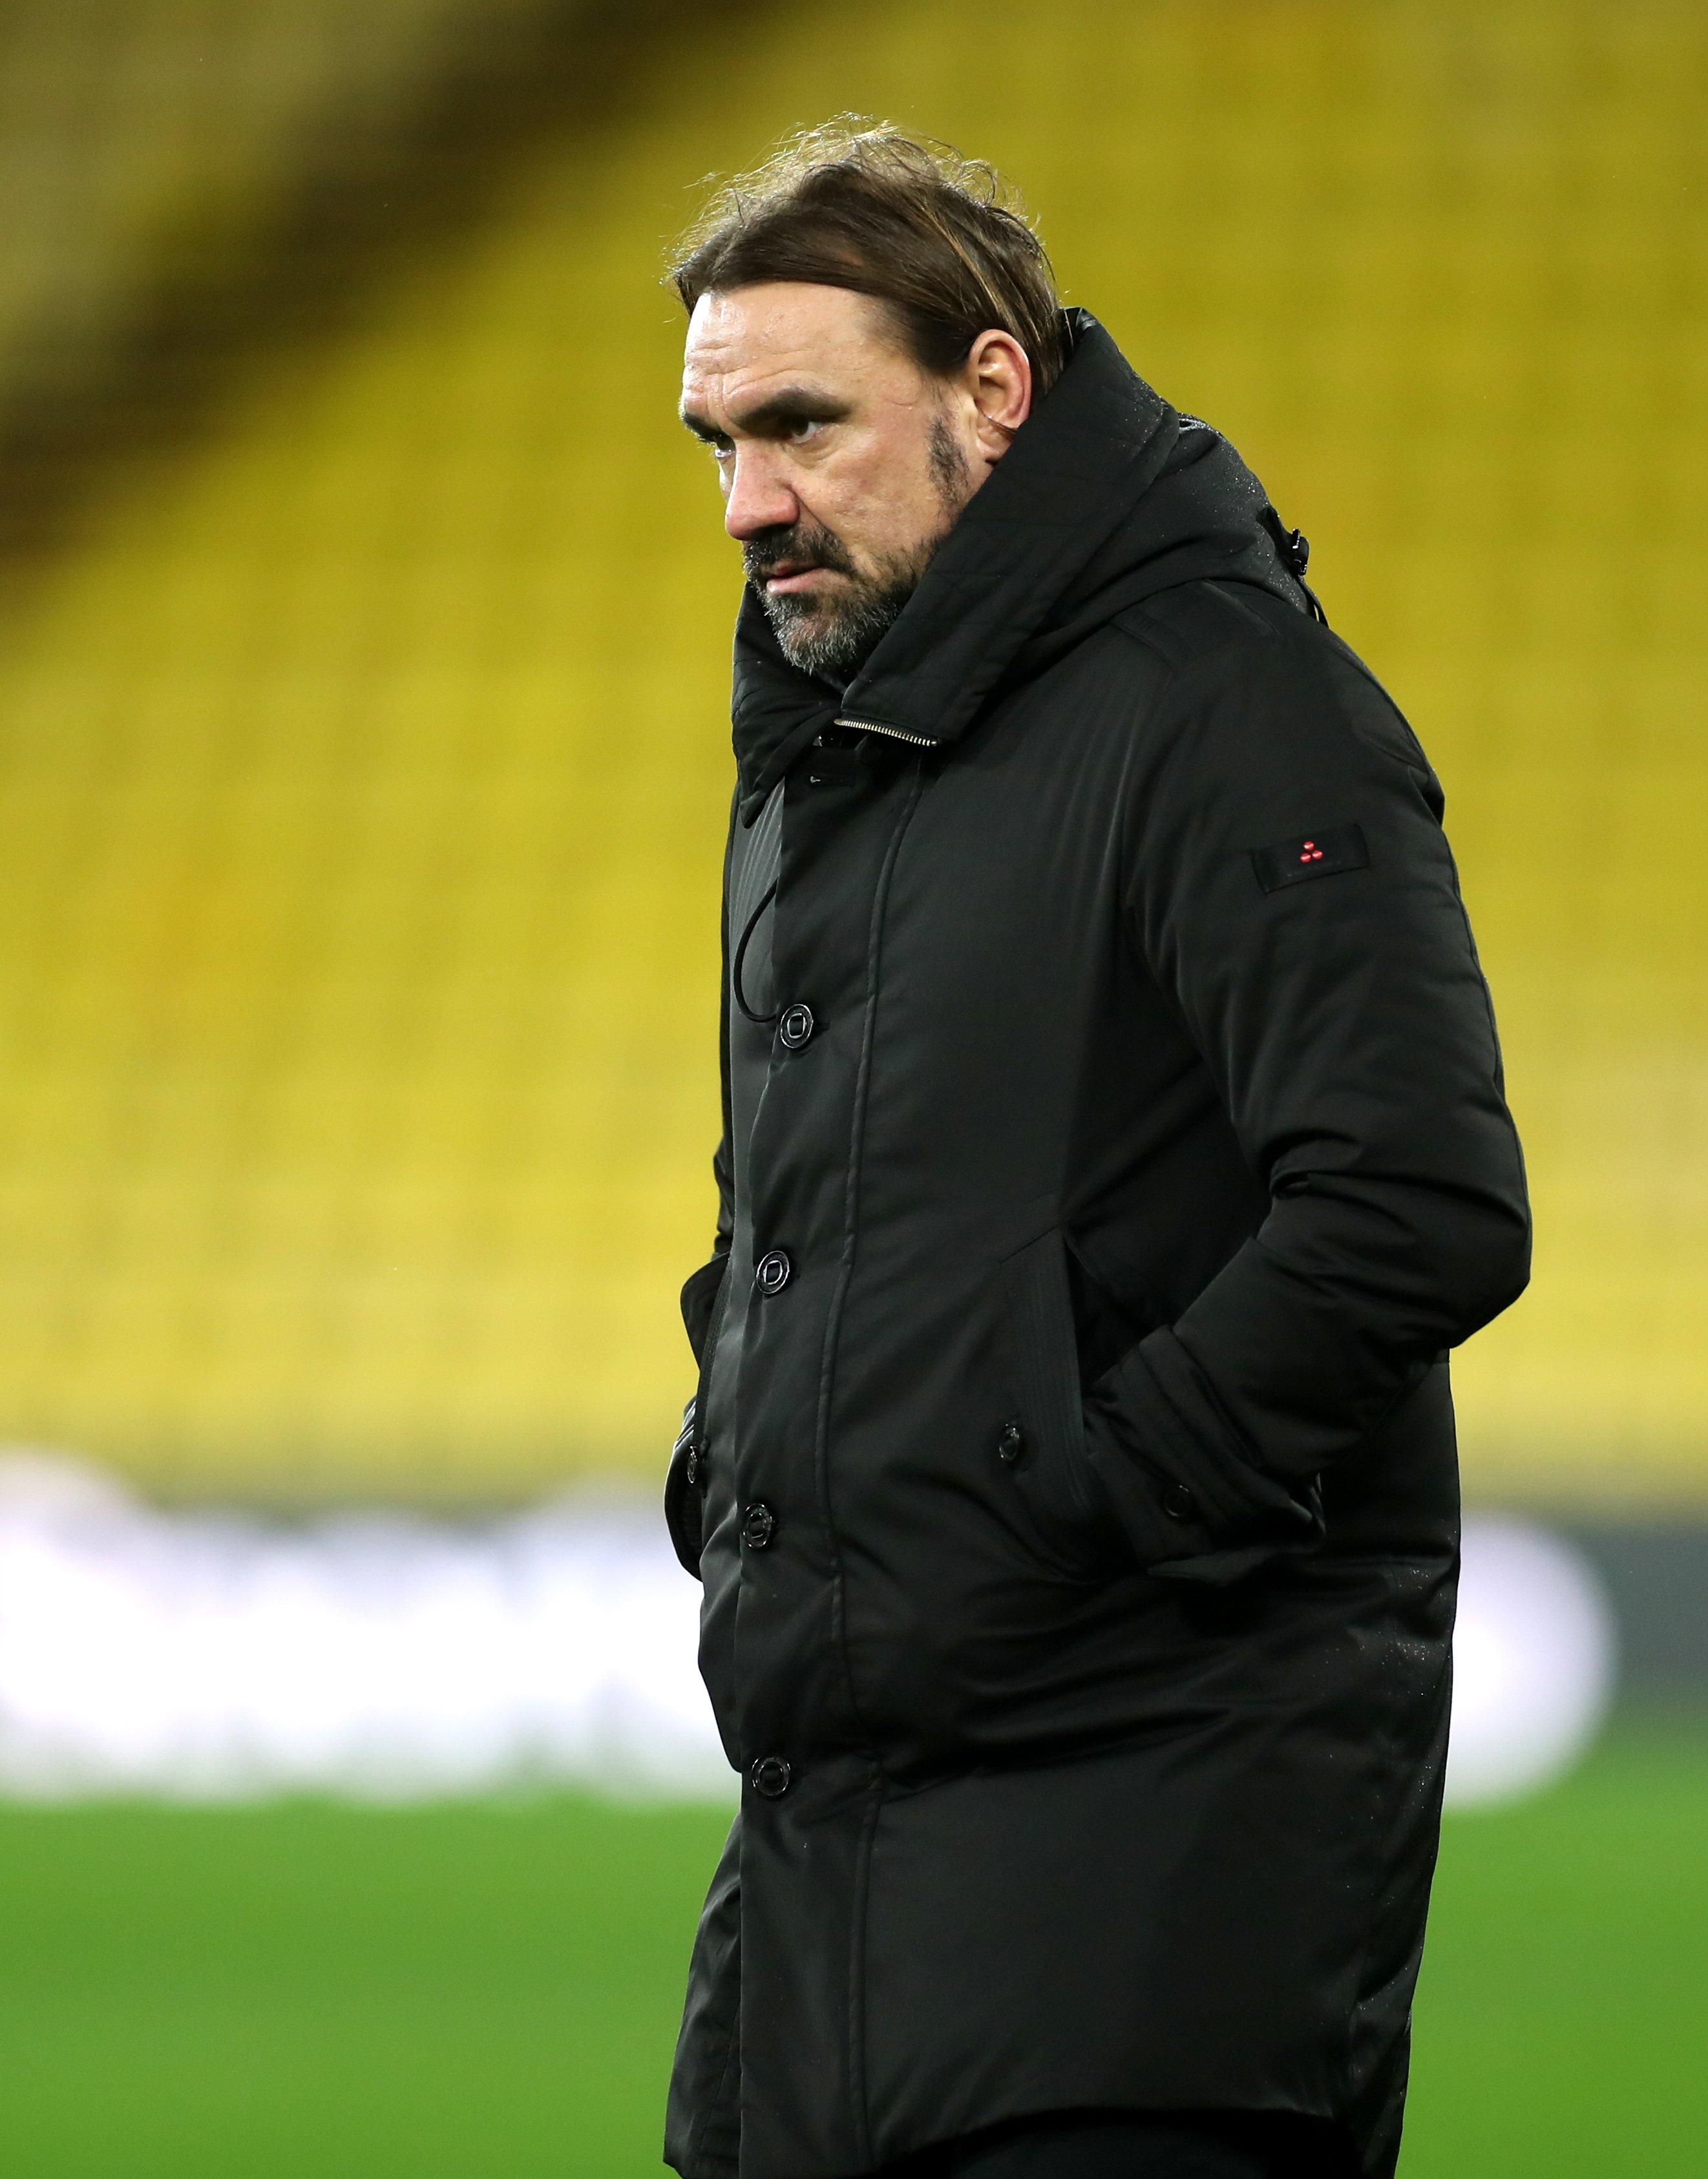 'Best yet' for delighted Norwich boss Daniel Farke